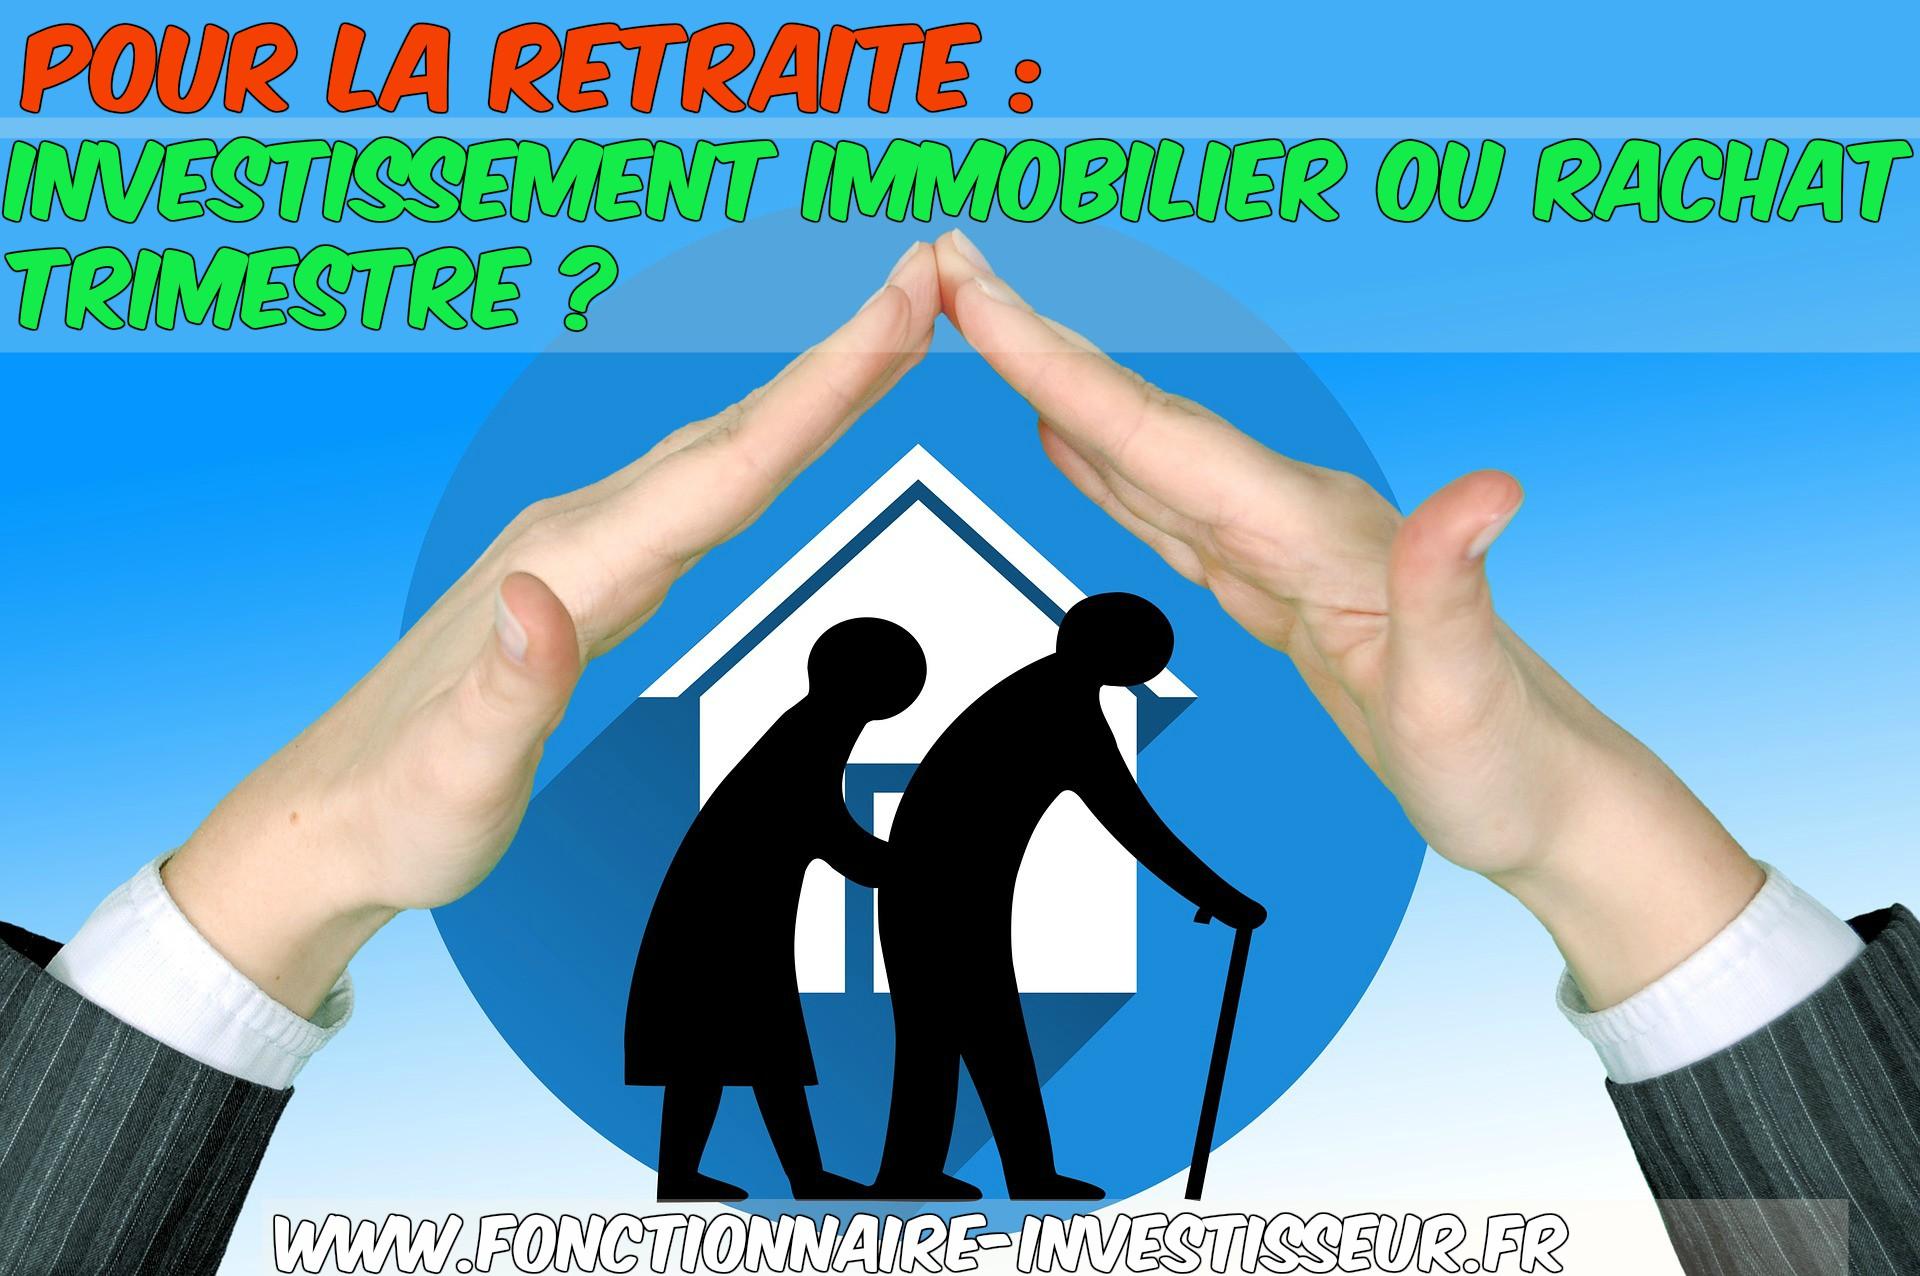 investir dans l'immobilier pour la retraite